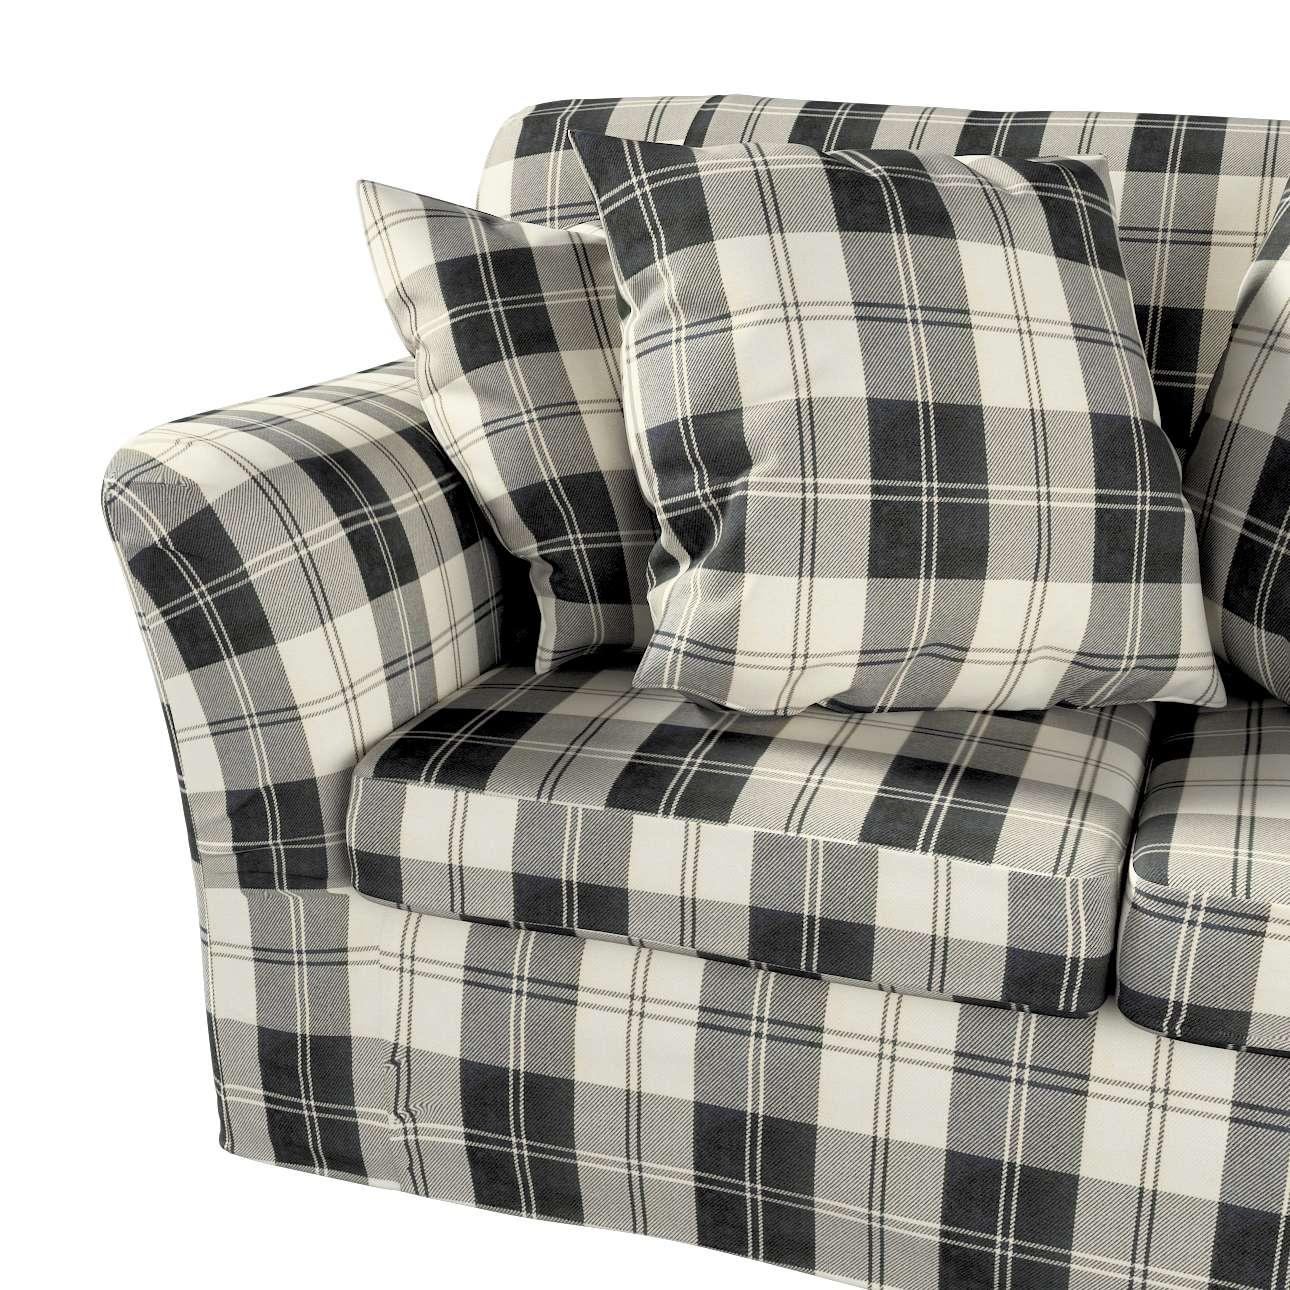 Pokrowiec na sofę Tomelilla 2-osobową nierozkładaną w kolekcji Edinburgh, tkanina: 115-74